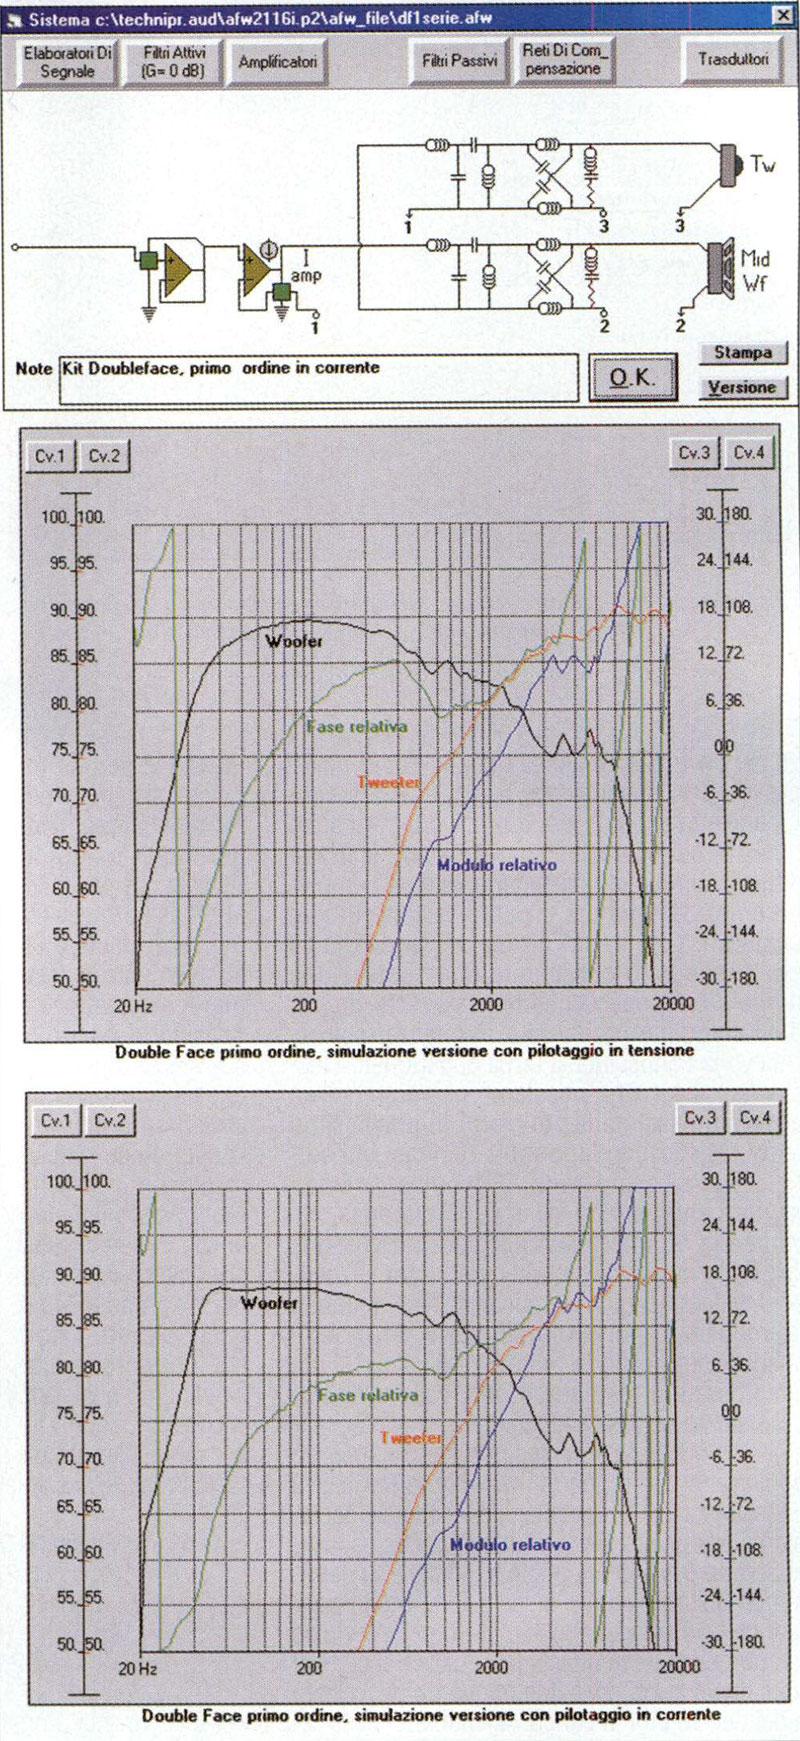 """Figura 9. Esempio di conversione a """"corrente"""" delle Doublé Face 1. Senza entrare troppo nel dettaglio del crossover (che usa pochi componenti in più rispetto a quello in tensione ed è comunque del primo ordine: magari approfondiremo infuturo anche in relazione con l'altra versione), in questo caso basta anteporre un passa-alto del primo ordine con Ft 116 Hz per ottenere un sistema dalle caratteristiche molto simili all'originale in termini di risposta, ma con tutti i vantaggi intrìnseci del pilotaggio in corrente."""